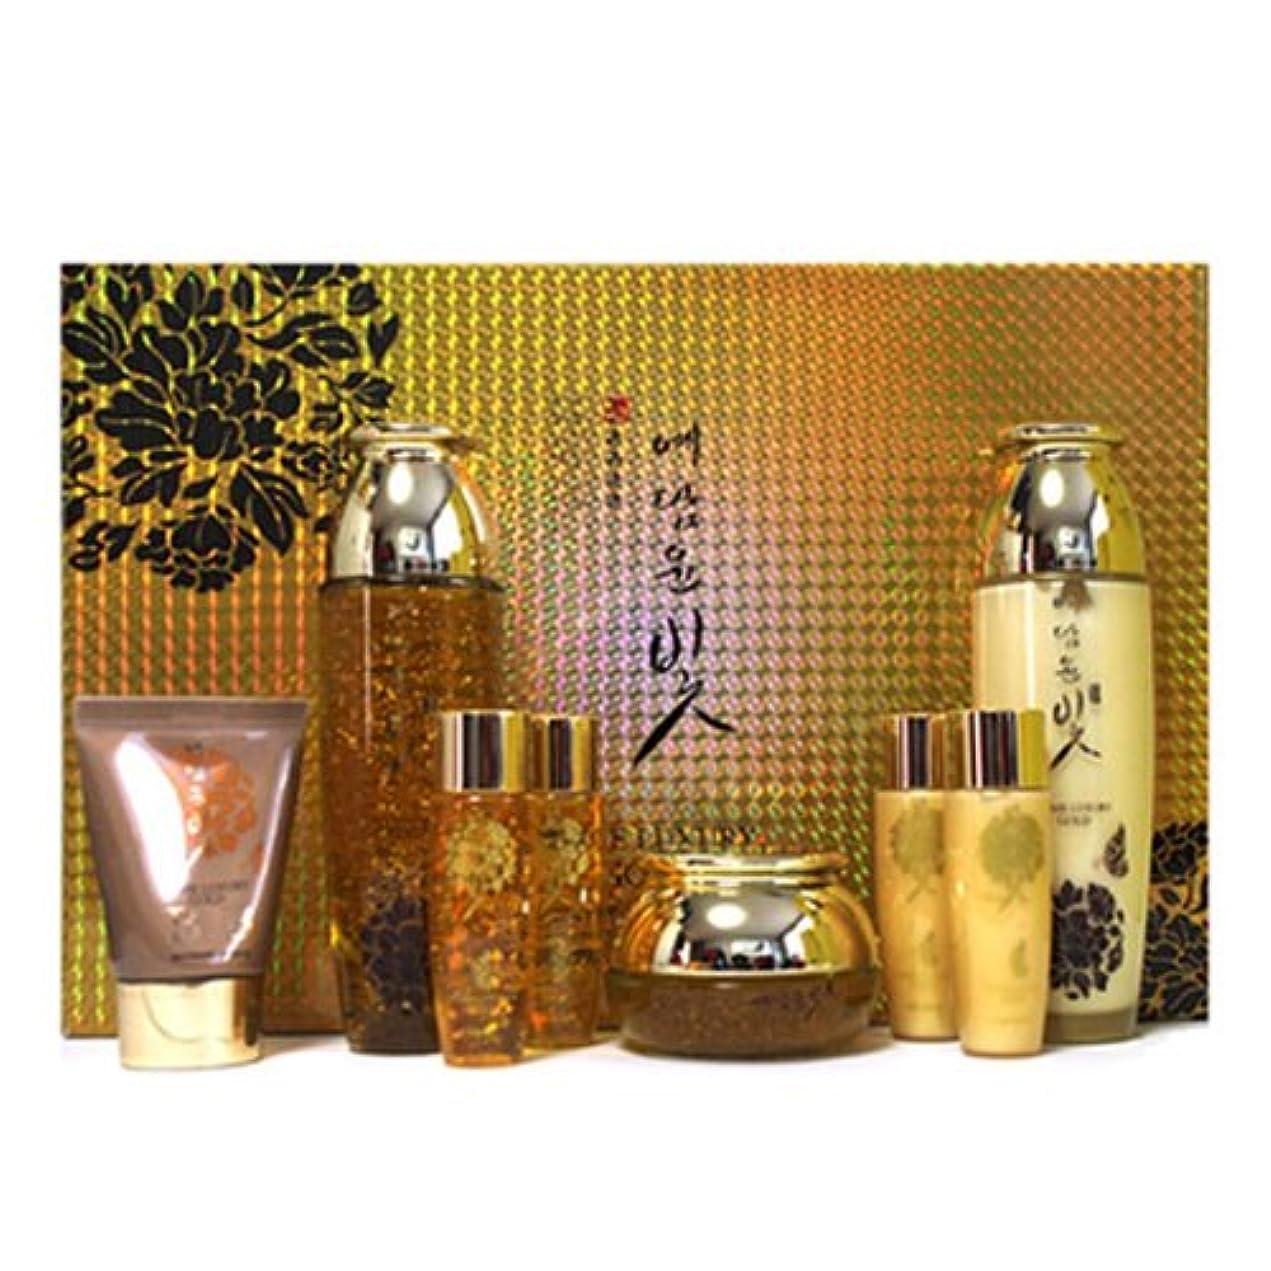 医師南東繕うイェダムユンビト[韓国コスメYedam Yun Bit]Prime Luxury Gold Skin Care Set プライムラグジュアリーゴールドスキンケア4セット 樹液 乳液 クリーム/ BBクリーム [並行輸入品]